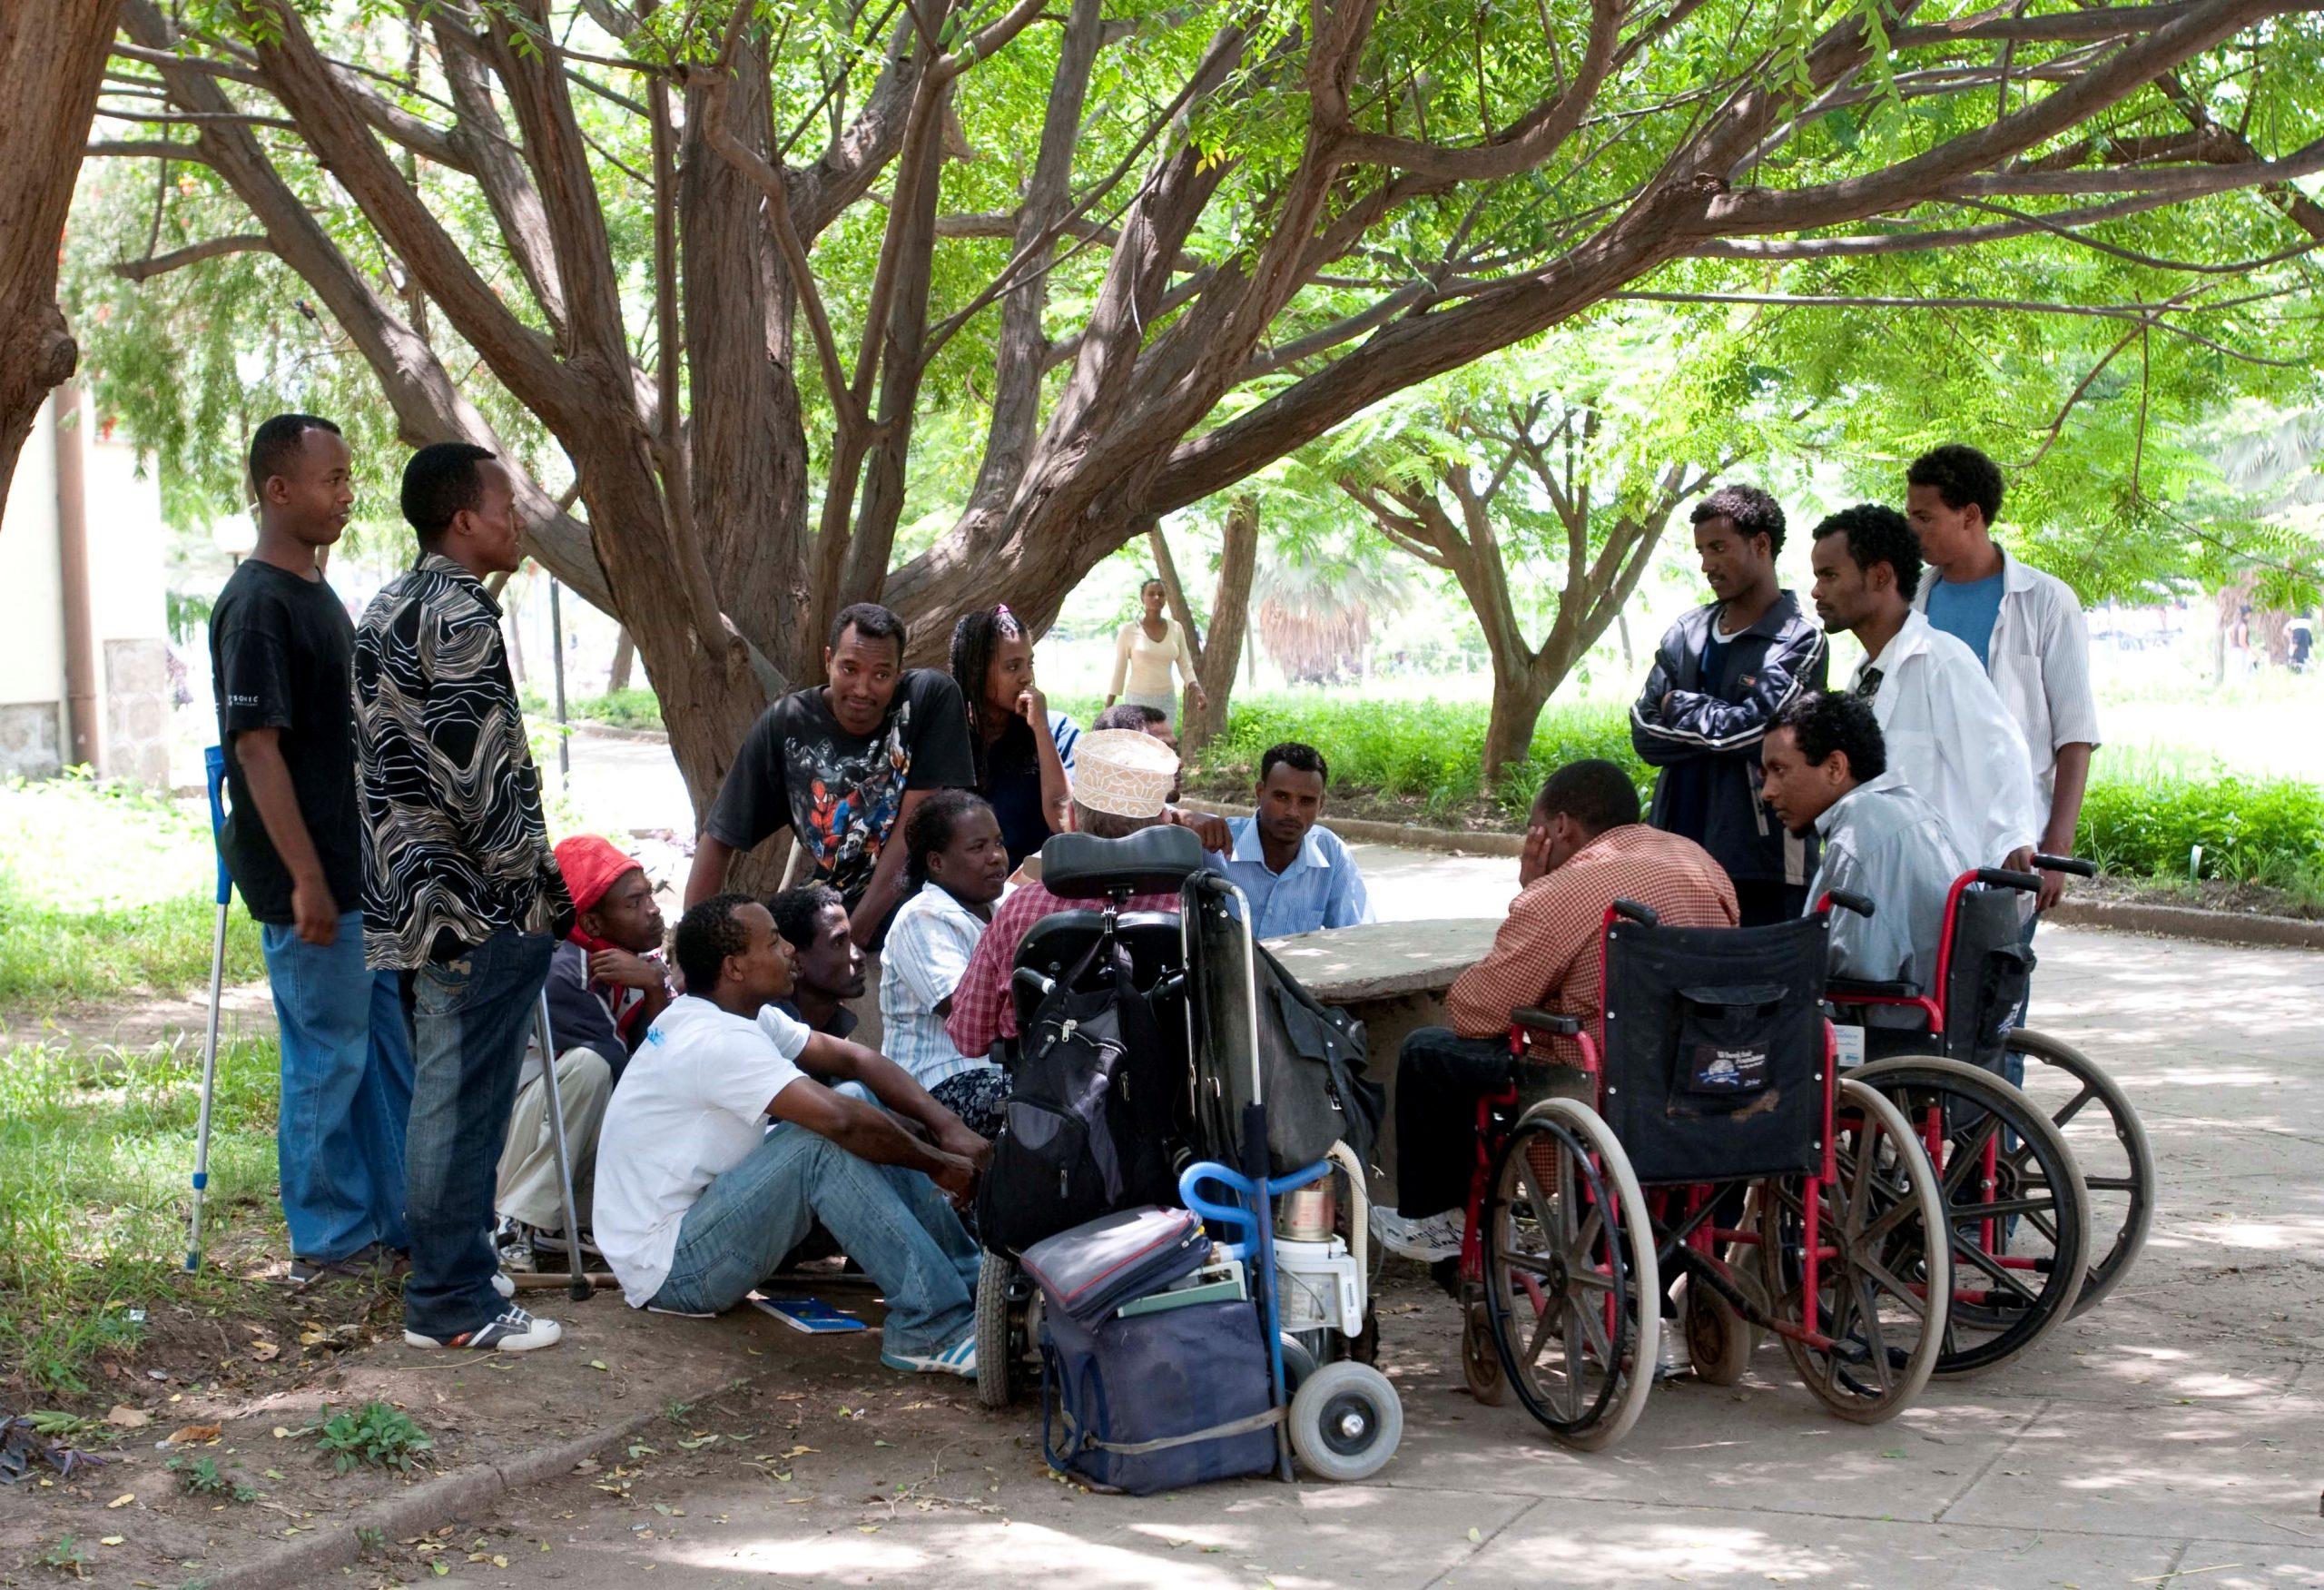 Vammaisuus tulee huomioida kehitysyhteistyössä yhä vahvemmin.